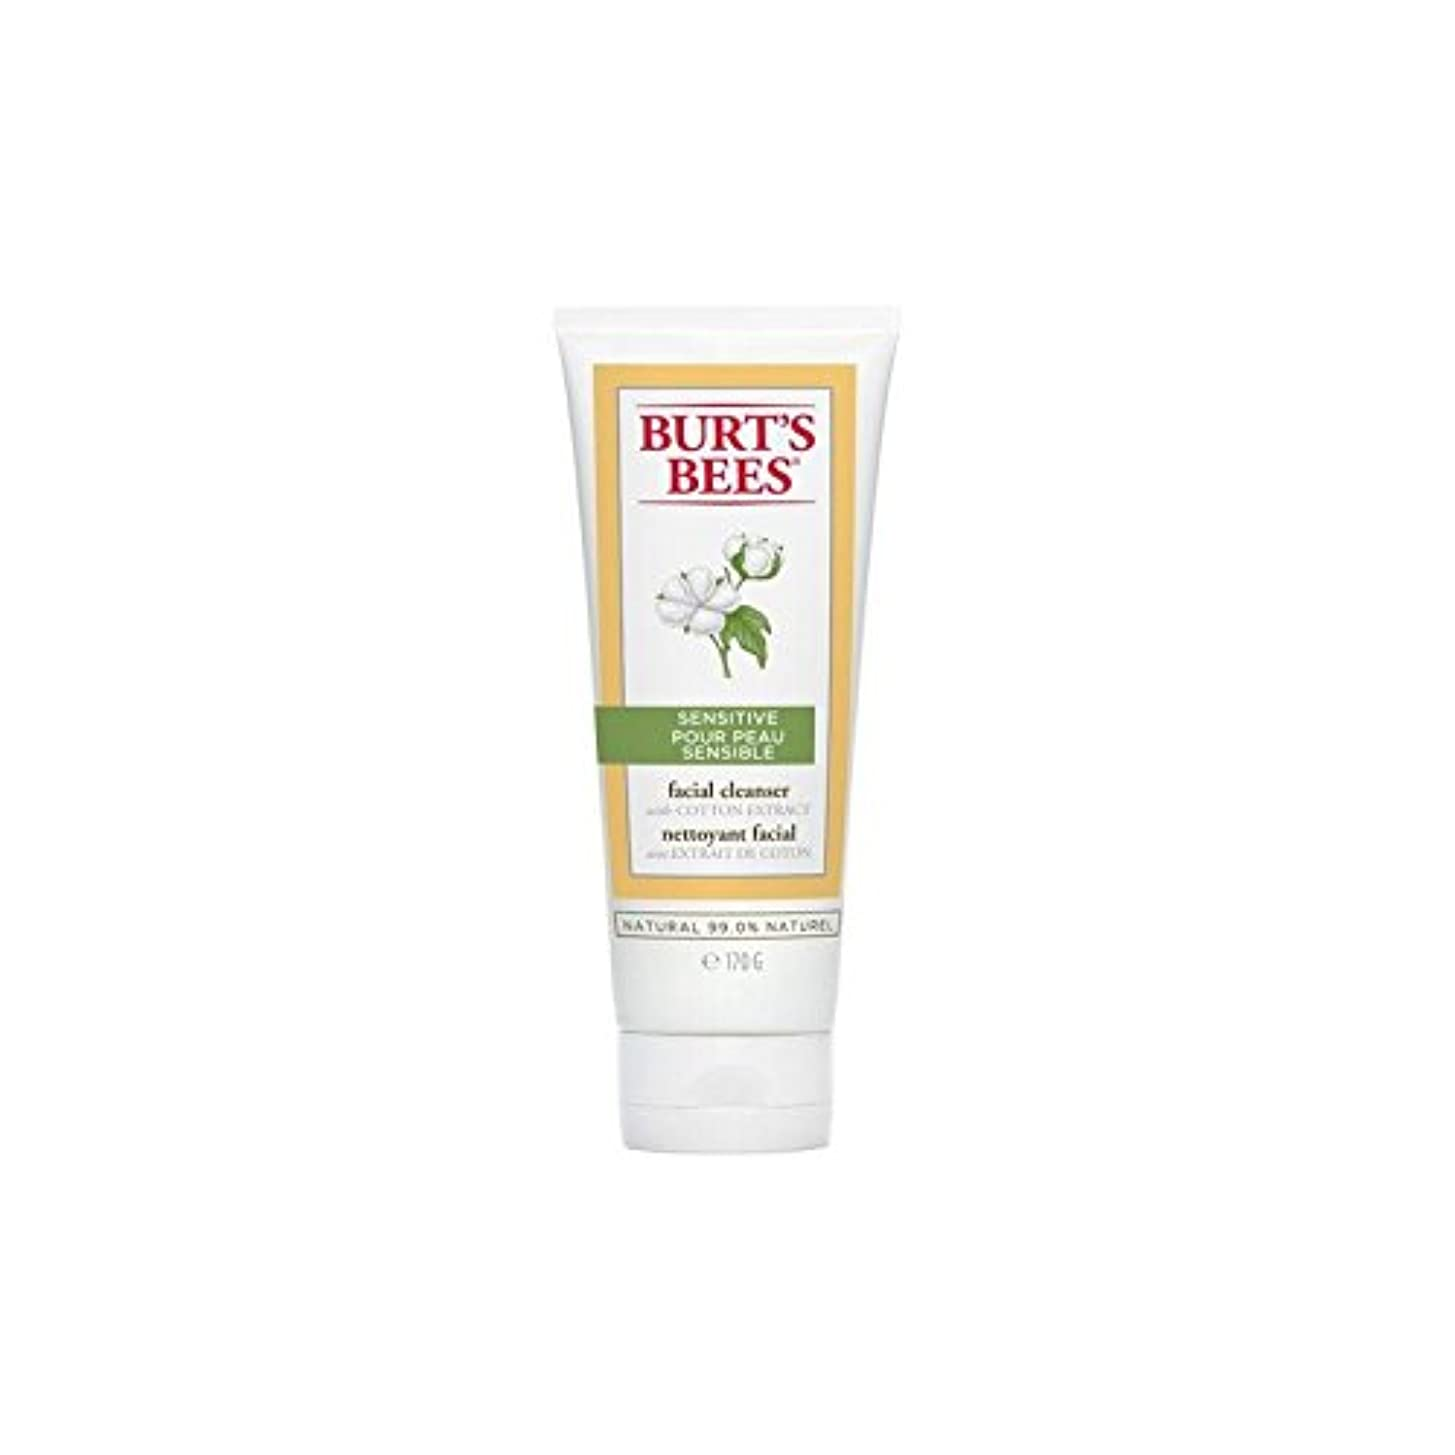 にやにや崇拝する探すバーツビー敏感な洗顔料の170グラム x2 - Burt's Bees Sensitive Facial Cleanser 170G (Pack of 2) [並行輸入品]